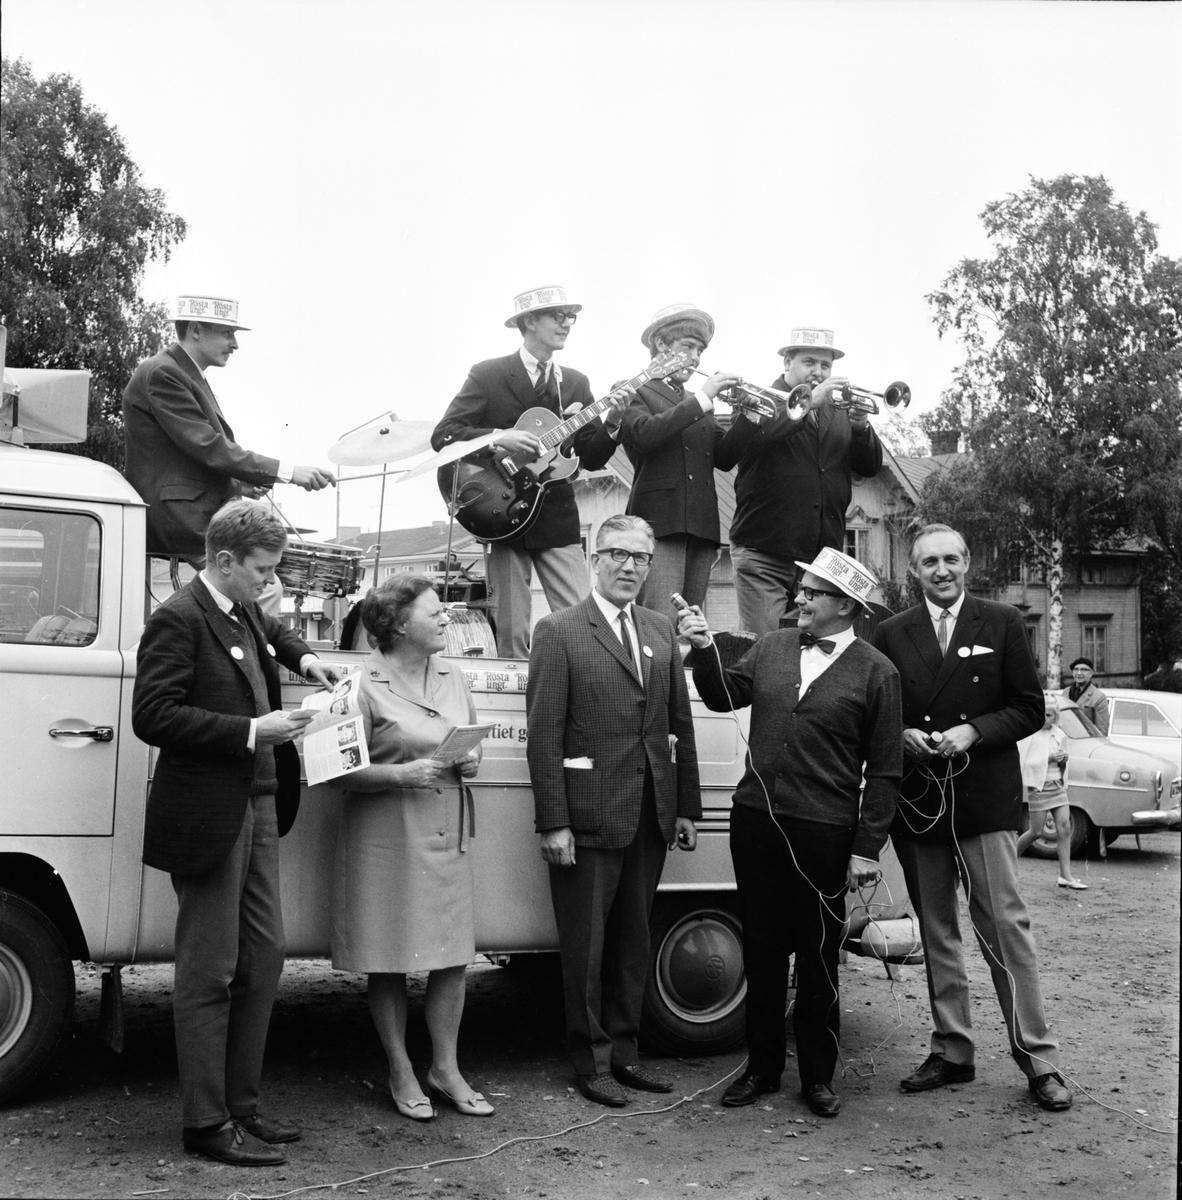 Arbrå. Valet 1968